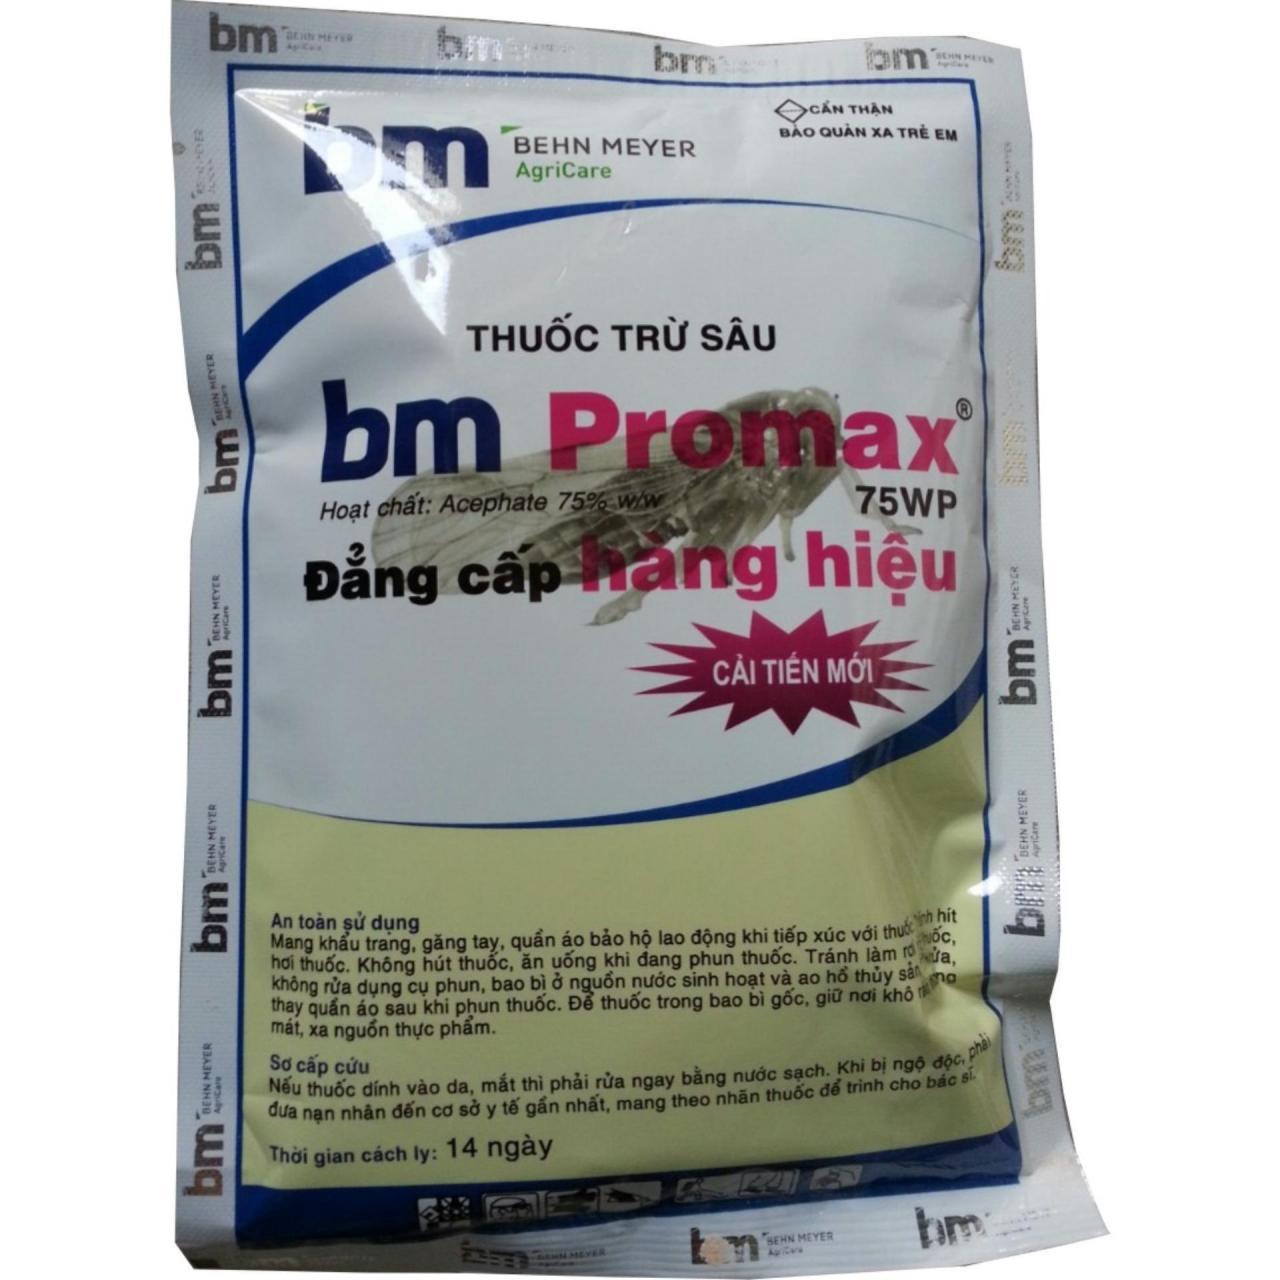 BM Promax 75WP – THUỐC TRỪ SÂU